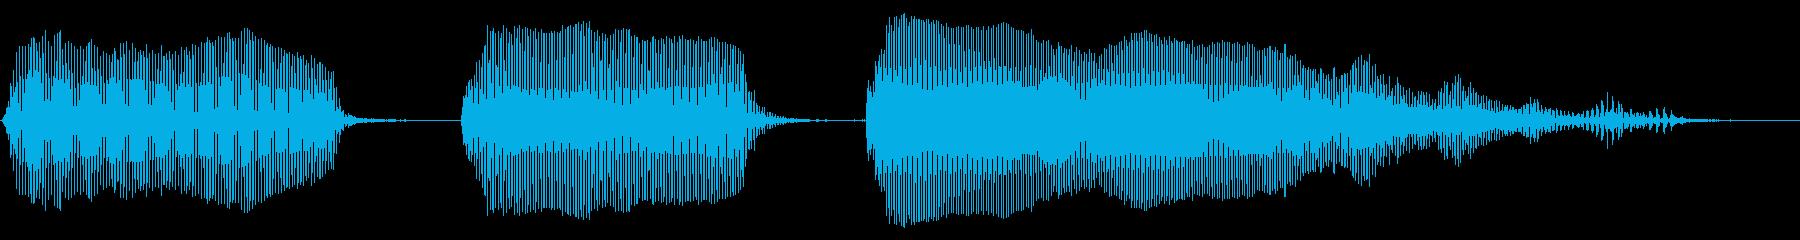 明るい トランペット フレーズ 上昇 の再生済みの波形